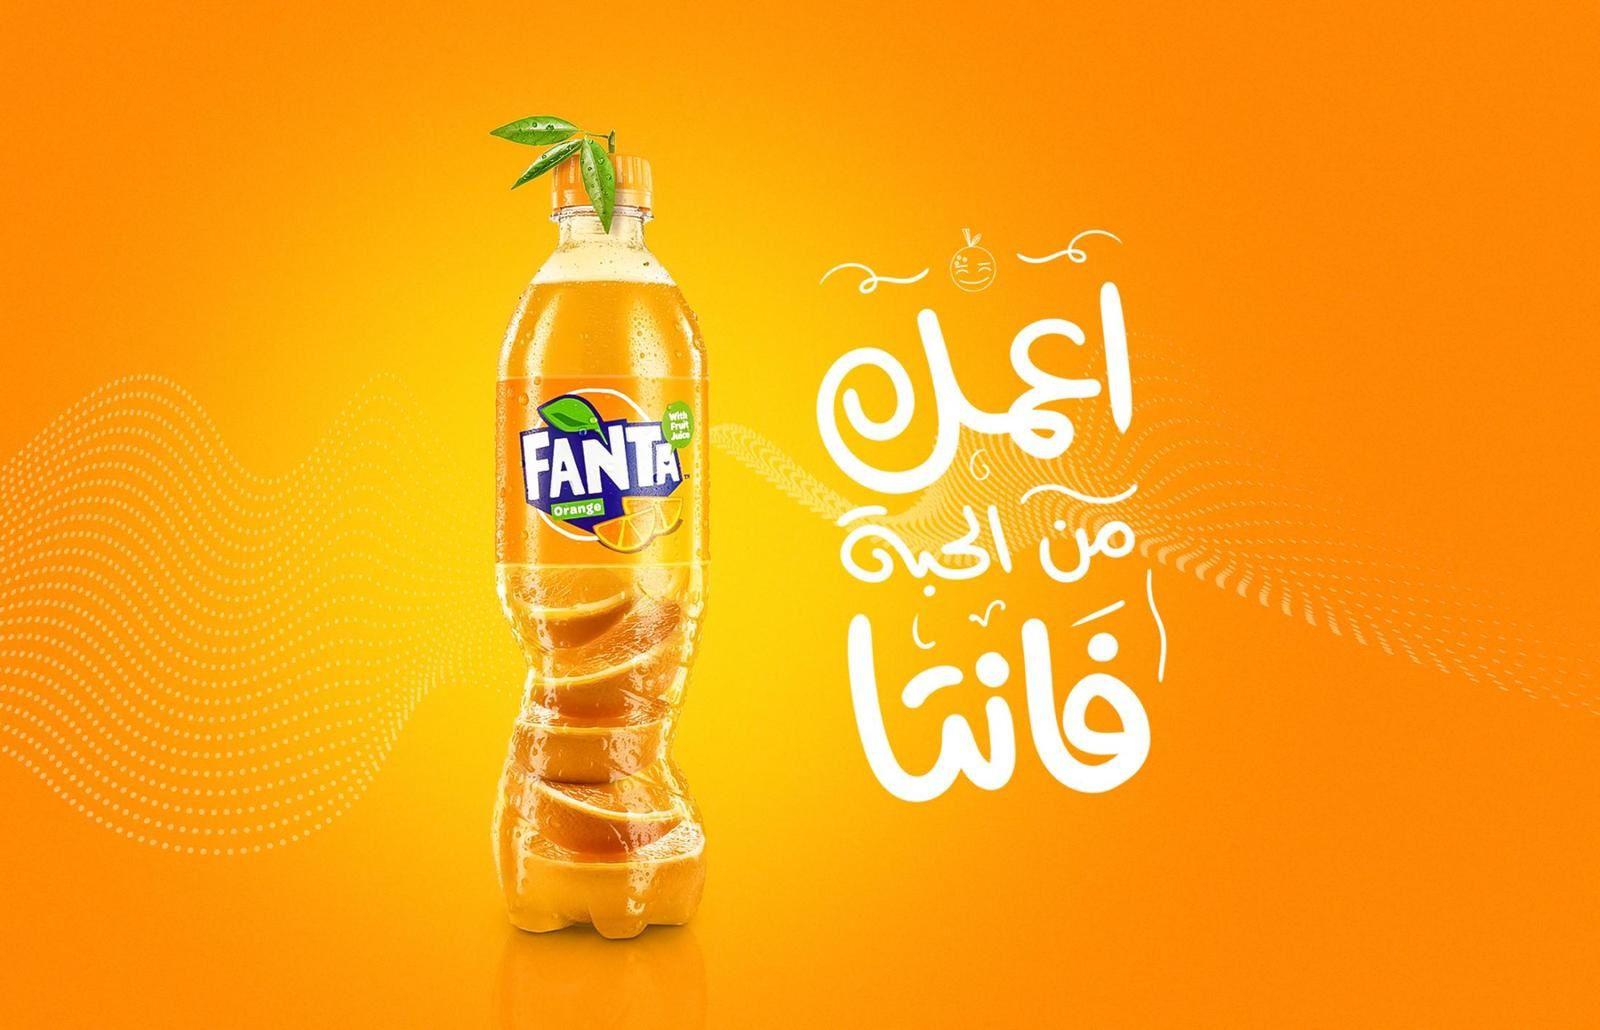 """Fanta : """"Twist the fruits with Fanta Tastes"""" (pour promouvoir la forme """"twist"""" des nouvelles bouteilles) I Agence : Evolve Studio, Le Caire, Egypte (juillet 2019)"""